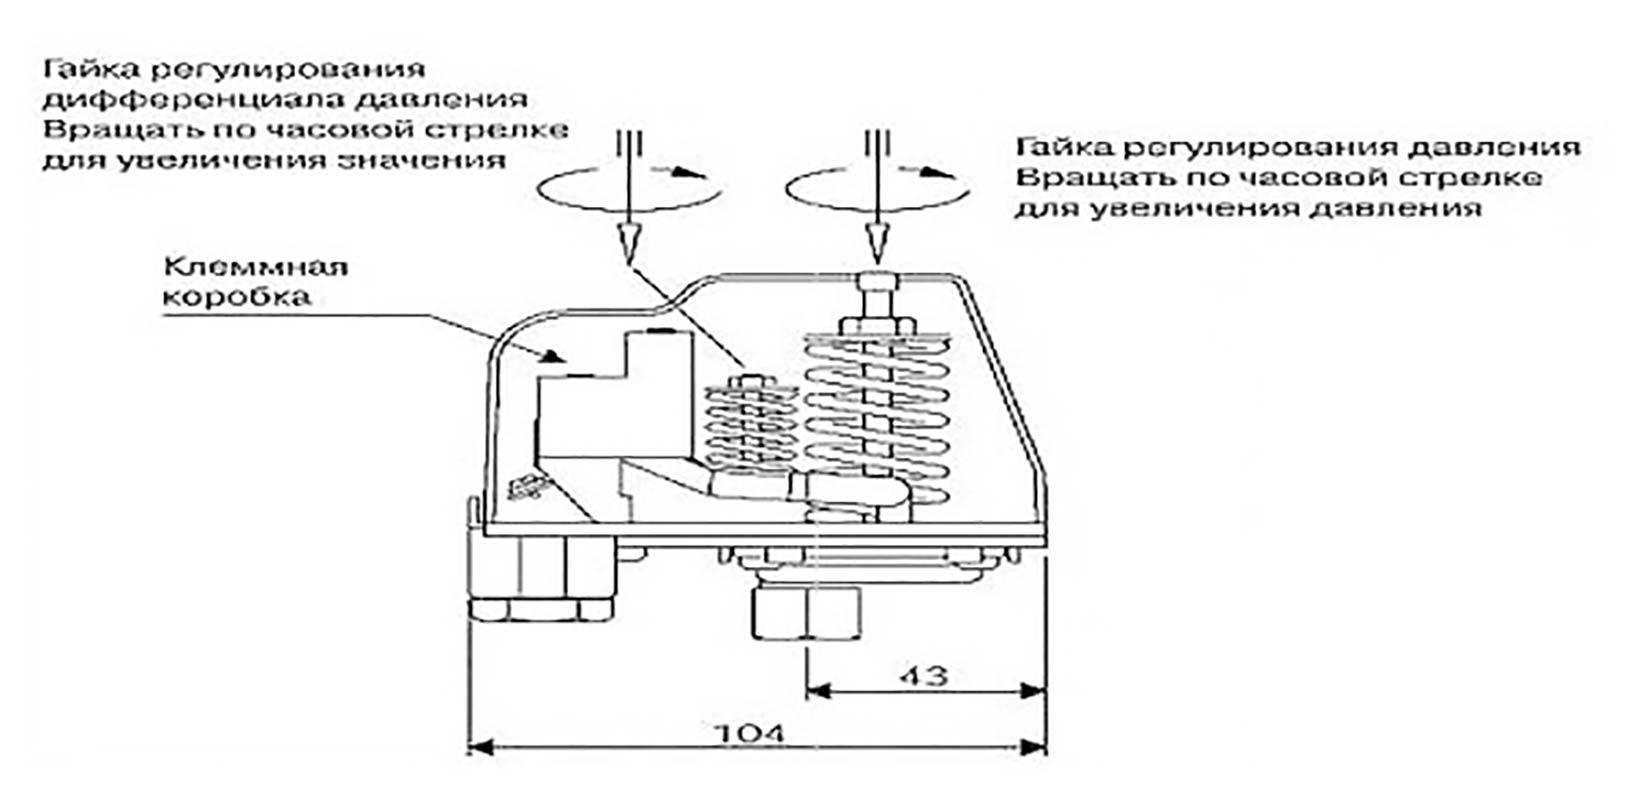 Регулировка реле давления насосной станции: как отрегулировать своими руками, настройка напора воды в системе водоснабжения